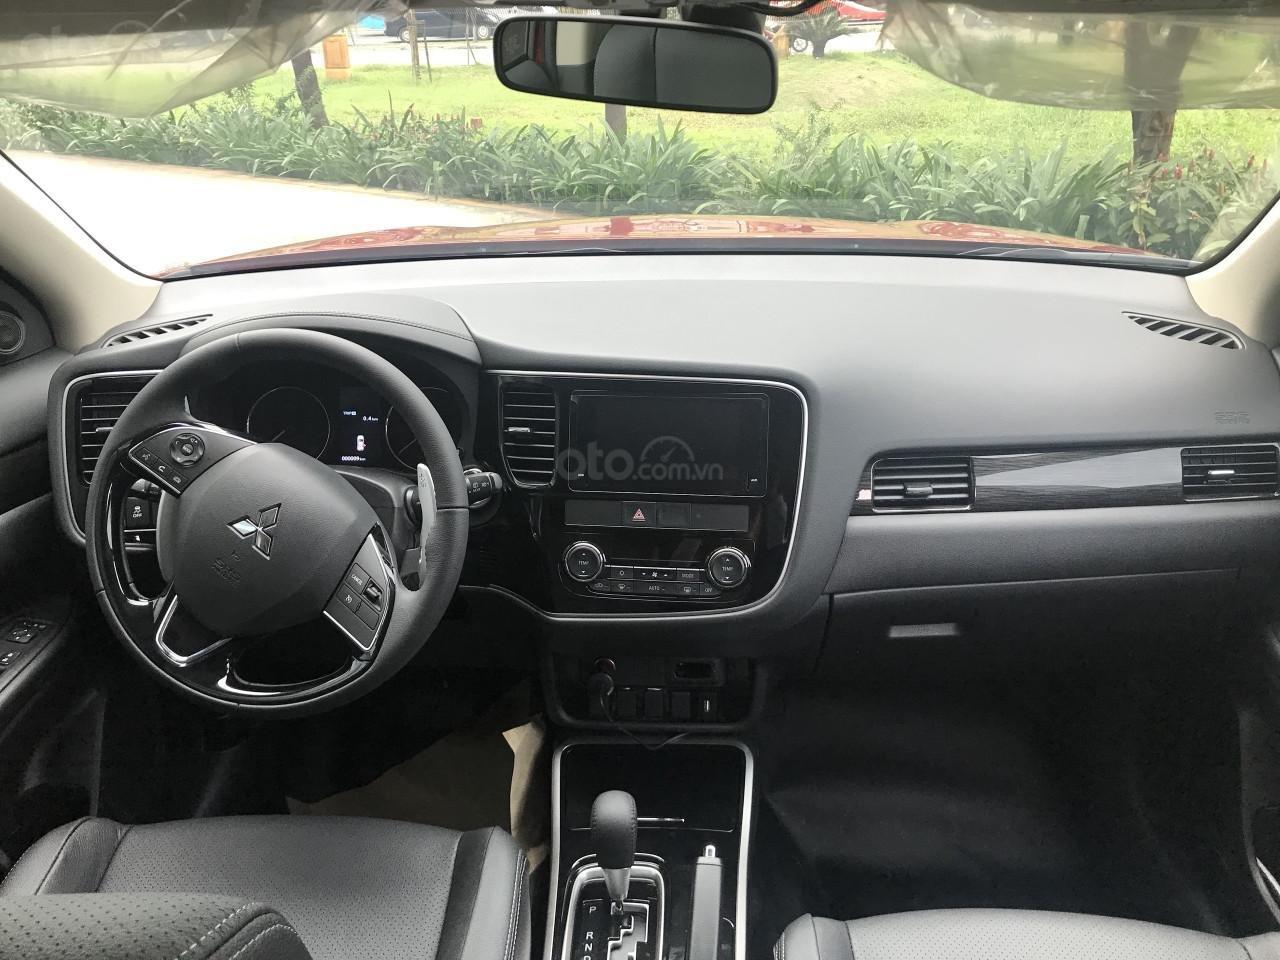 Bán Mitsubishi Outlander 2.0 Pre 2019 - Hỗ trợ vay trả góp (4)